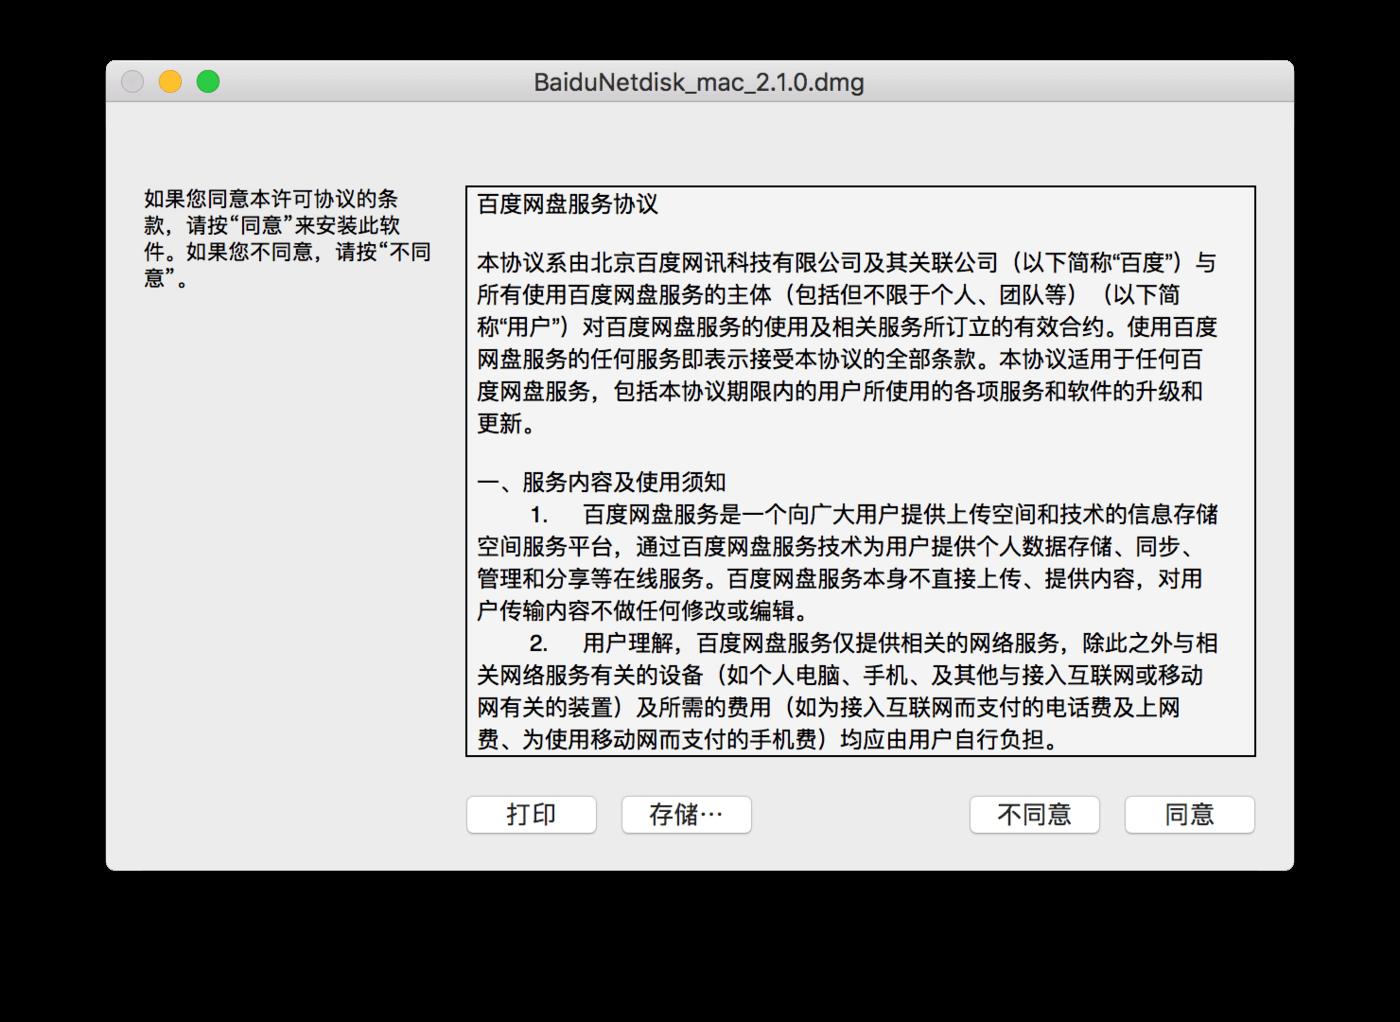 百度网盘 Mac 版安装协议